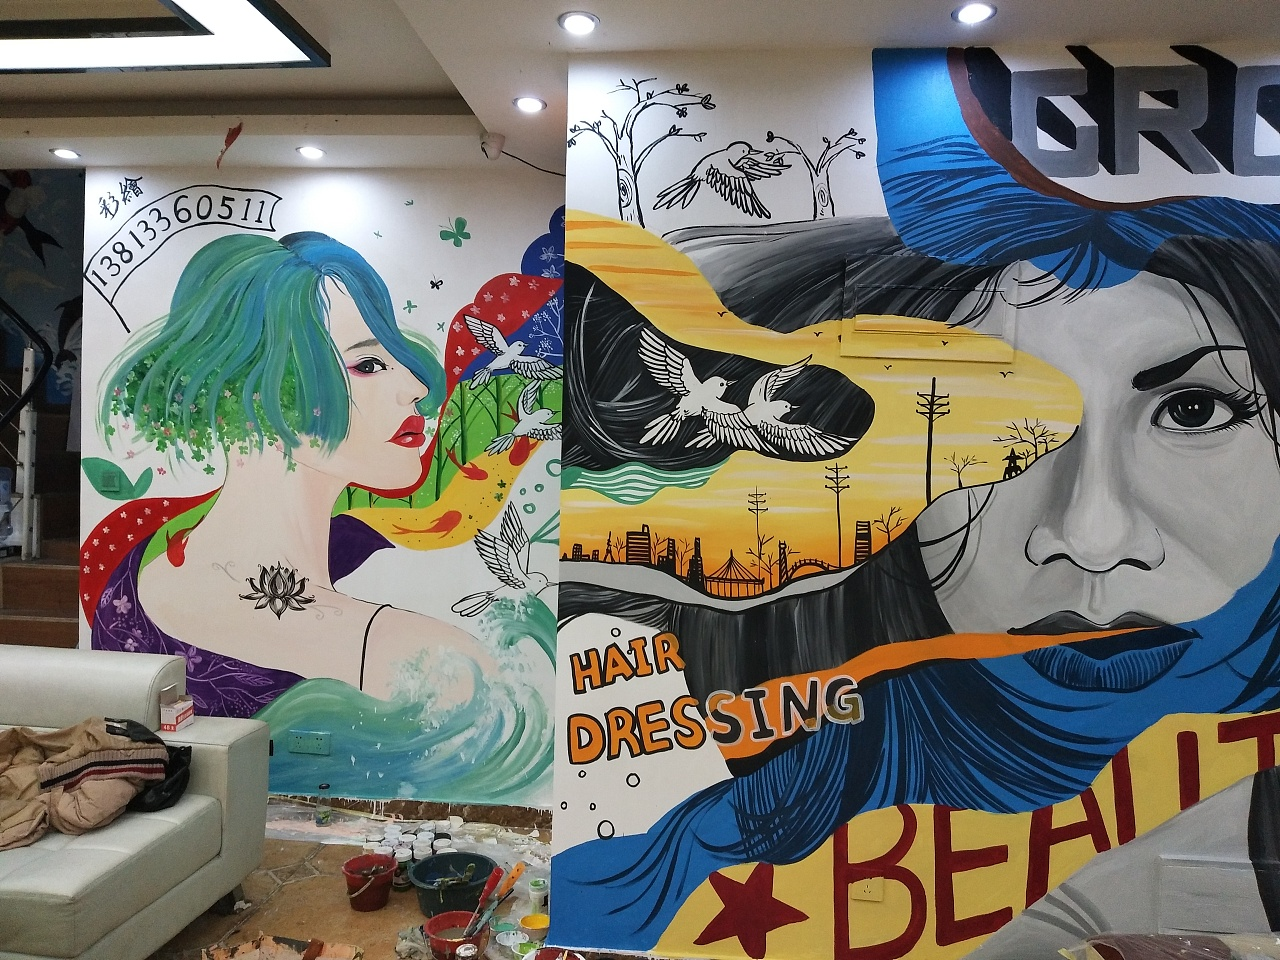 理发店墙绘 其他 墙绘/立体画 北海青芥 - 原创作品